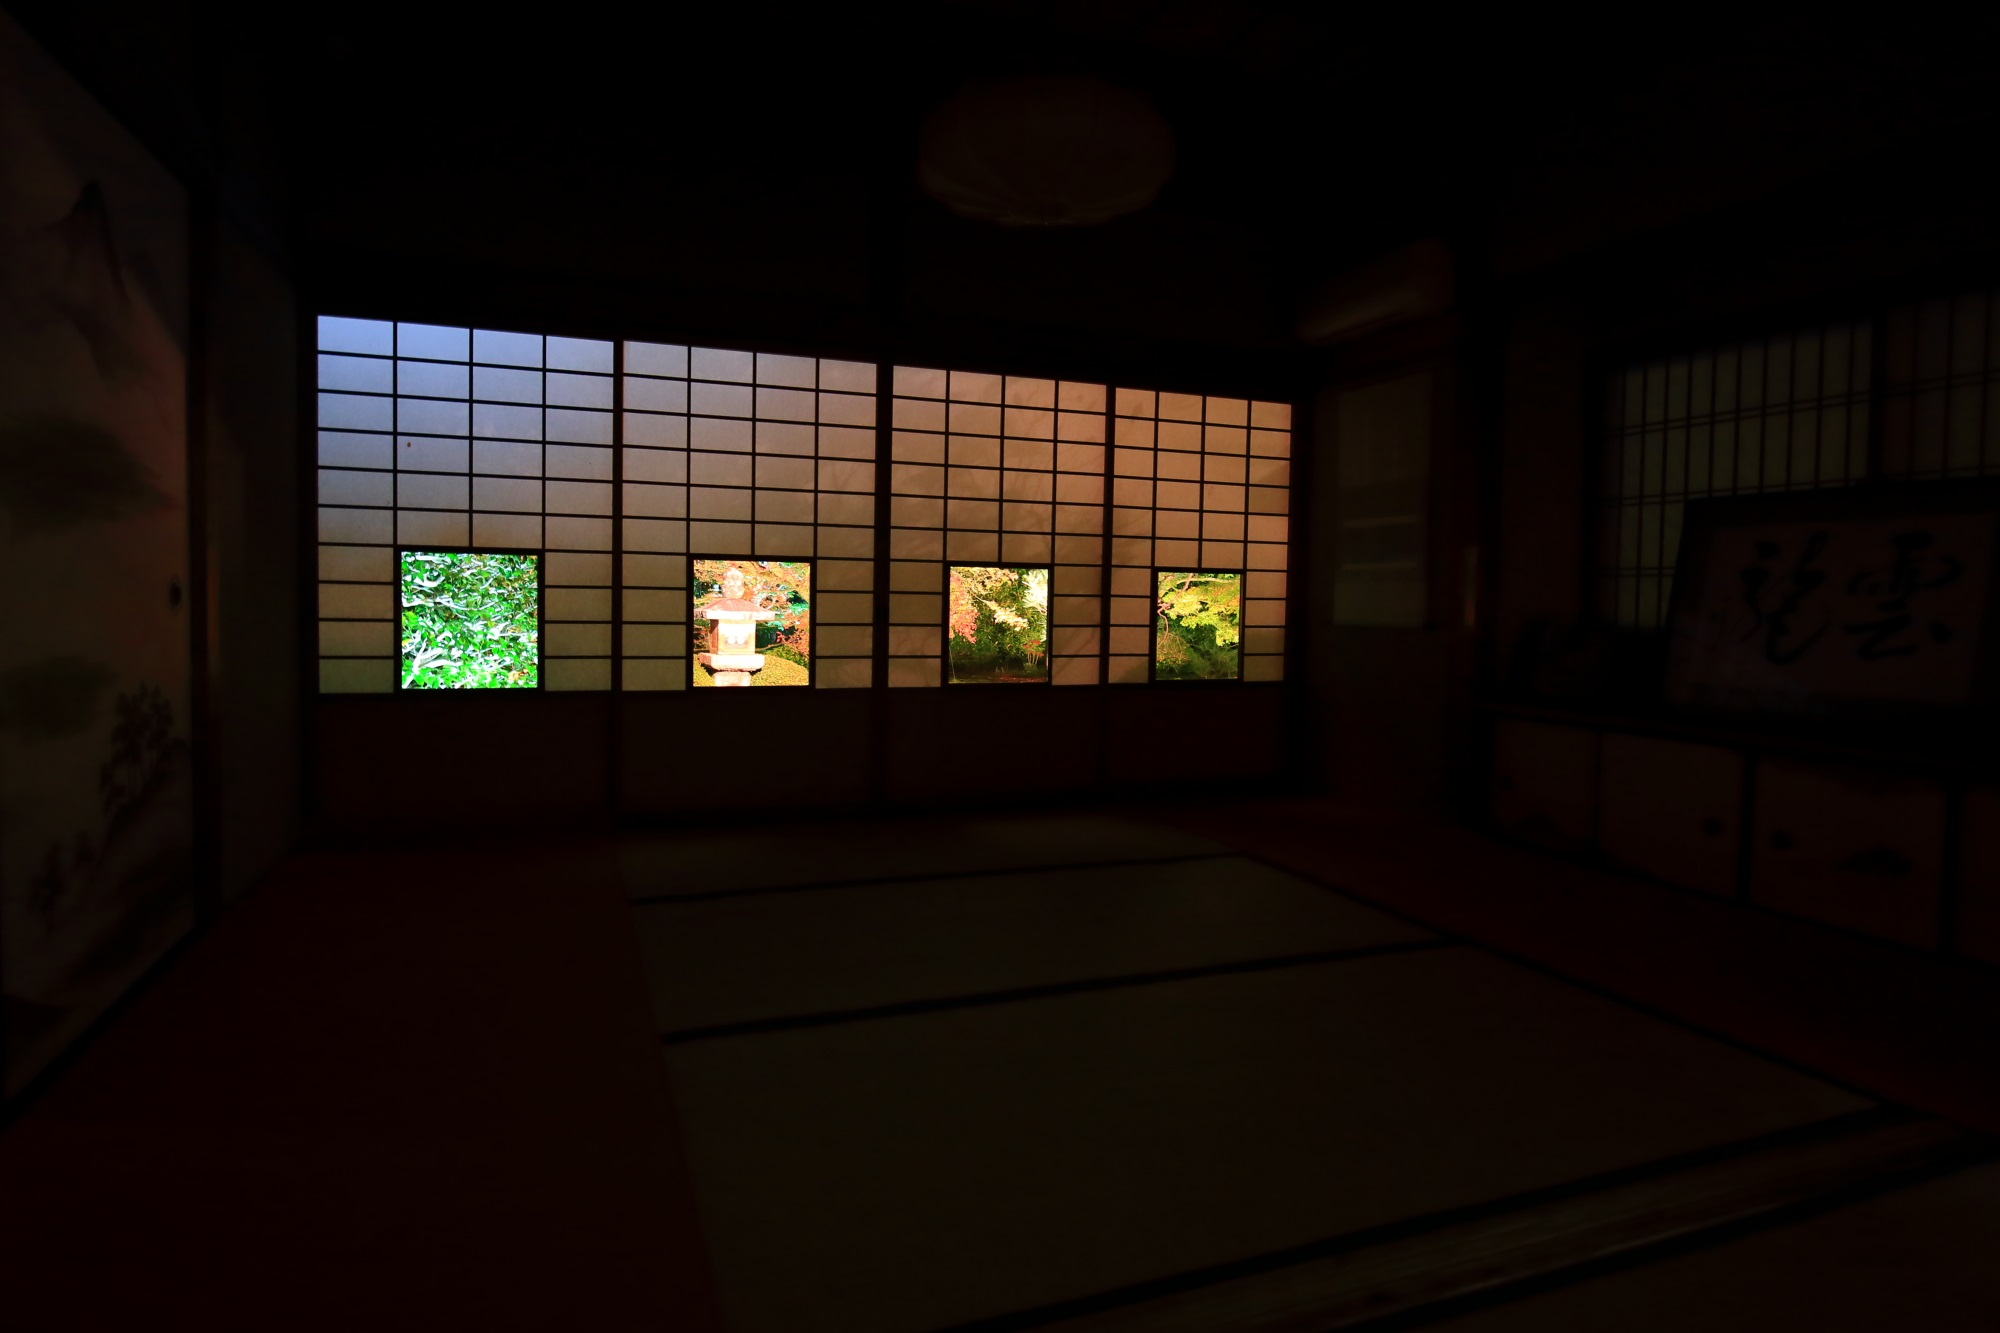 御寺泉涌寺別院の雲龍院の蓮華の間の紅葉ライトアップ